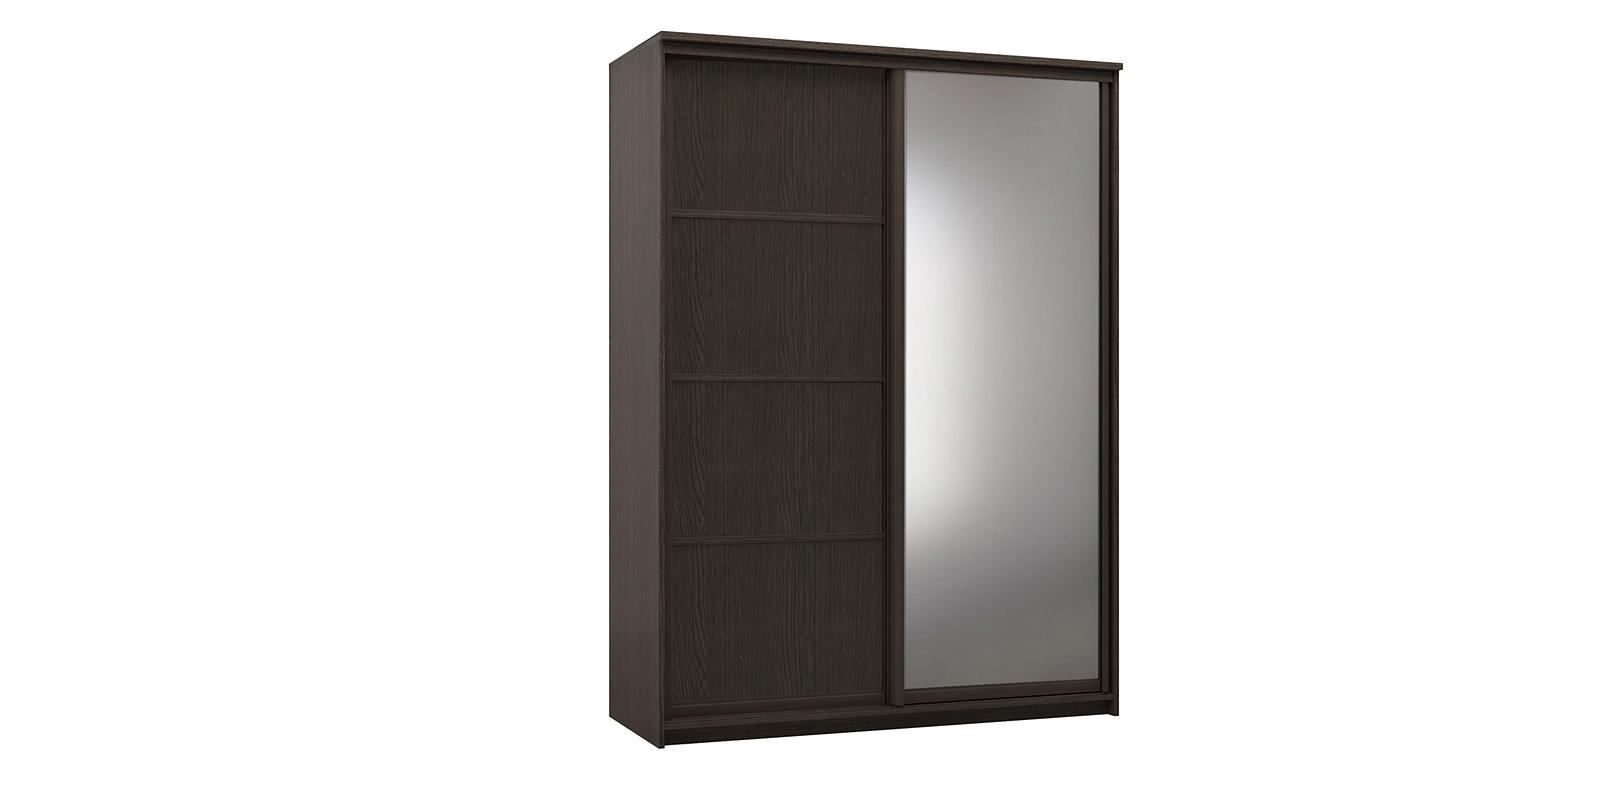 Шкаф-купе двухдверный Верона 180 см (венге/зеркало)